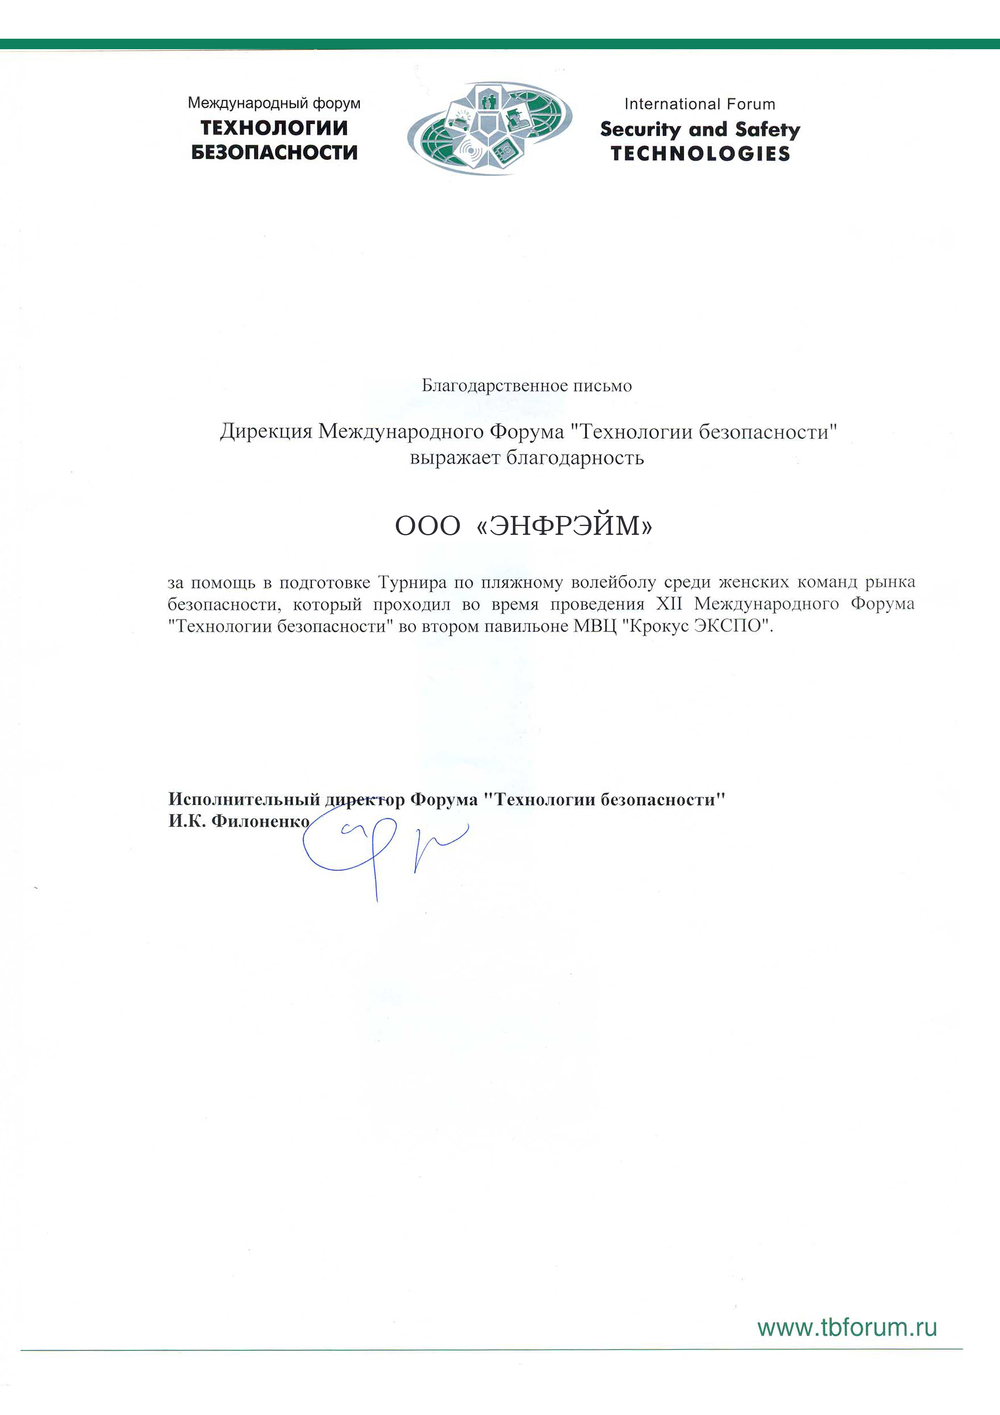 """Благодарность от организаторов форума """"Технология безопасности"""""""